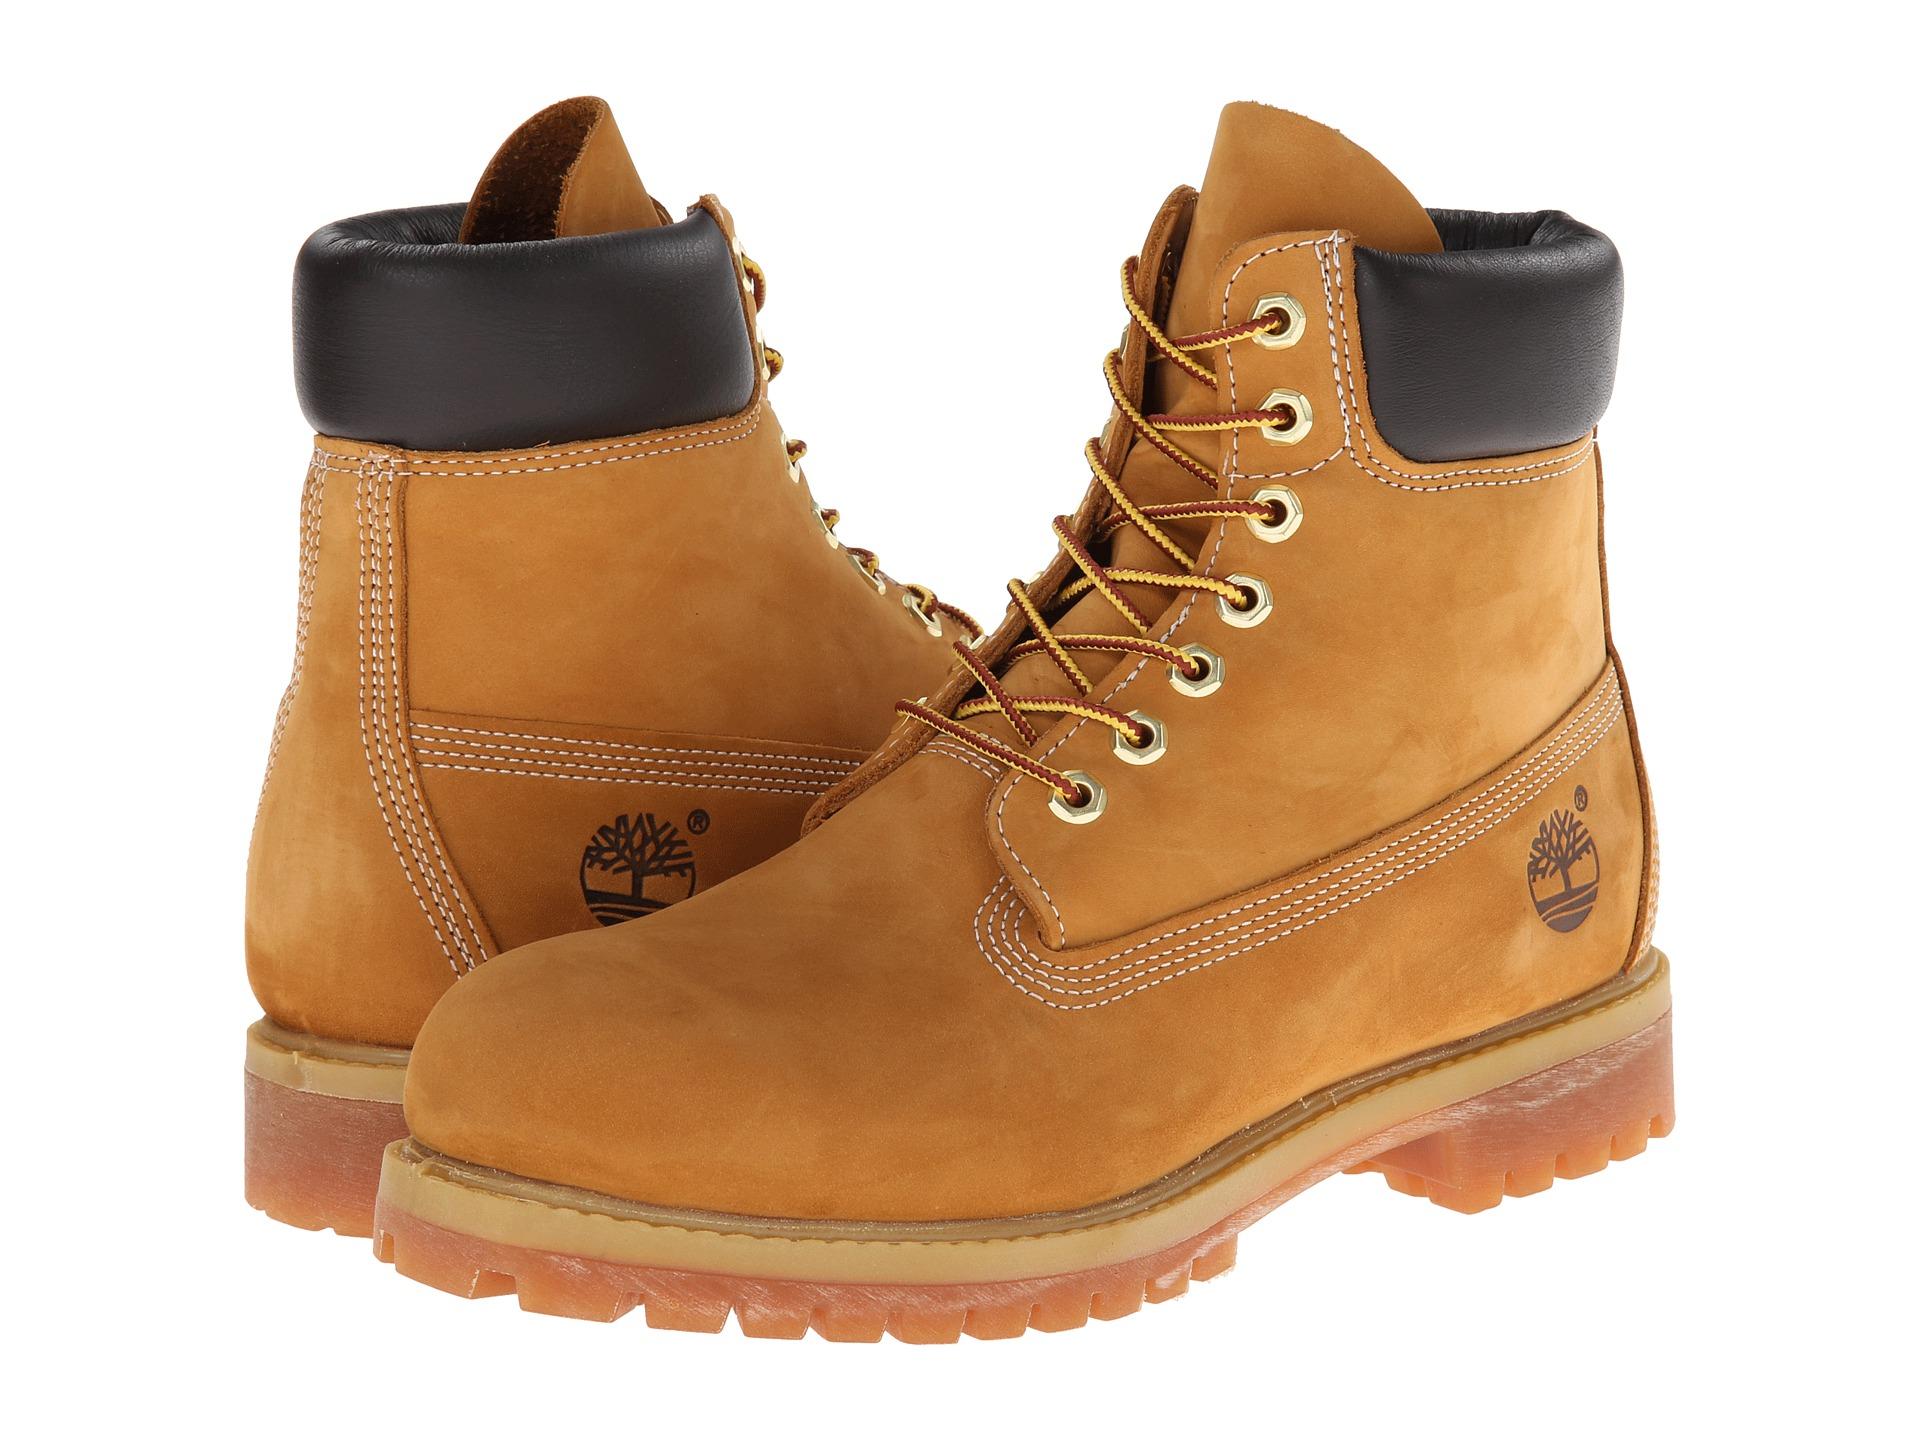 【鞋帶·timberland】timberland鞋帶 – TouPeenSeen部落格